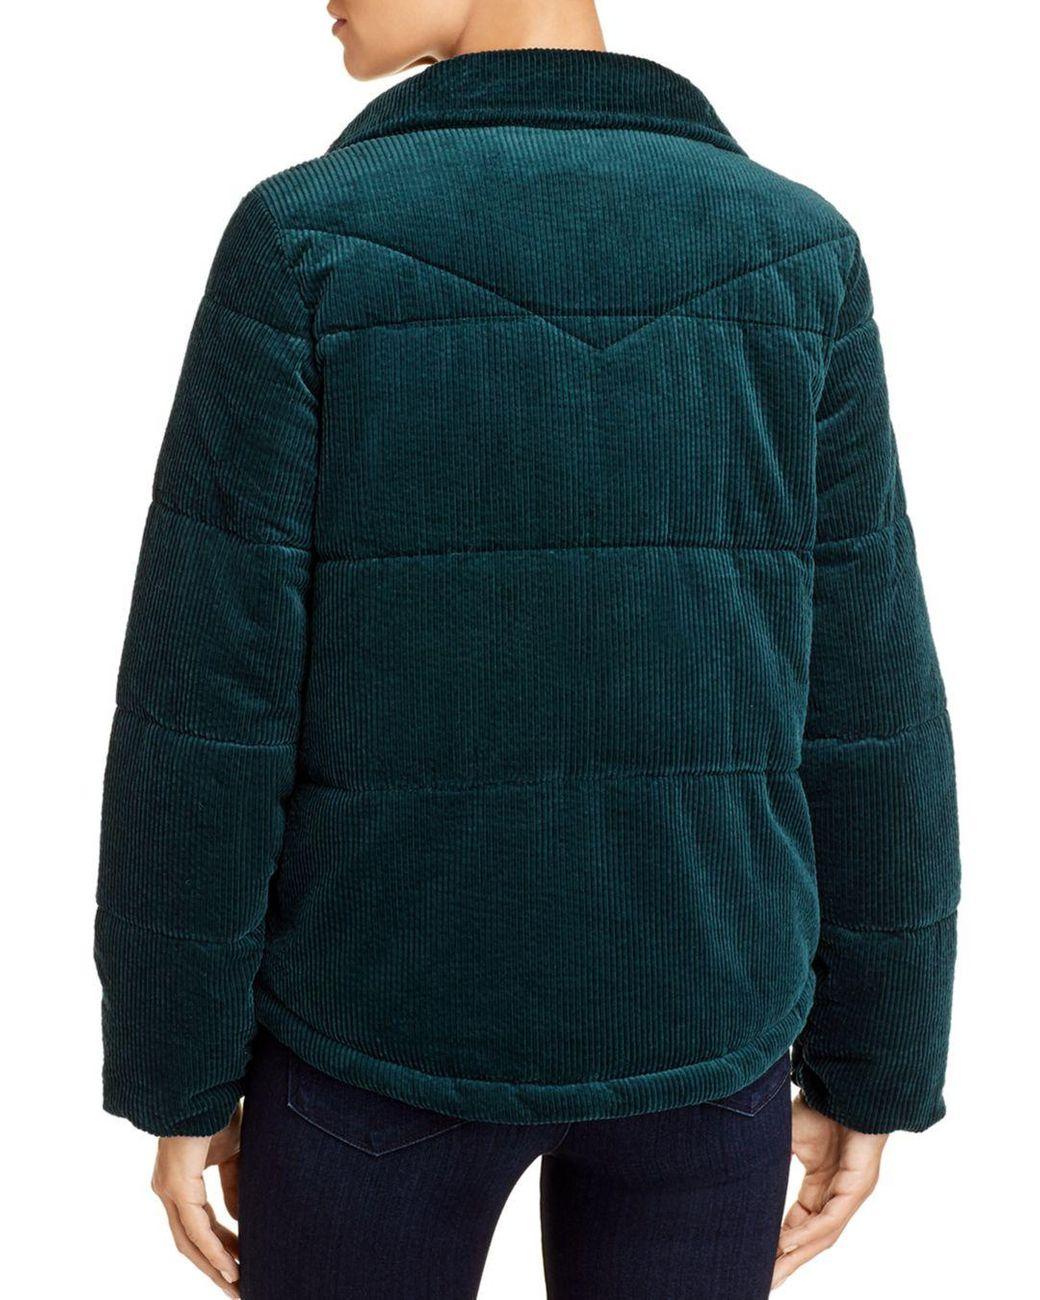 Levine Corduroy Puffer Corduroy Levine Coat IbgYf7y6v